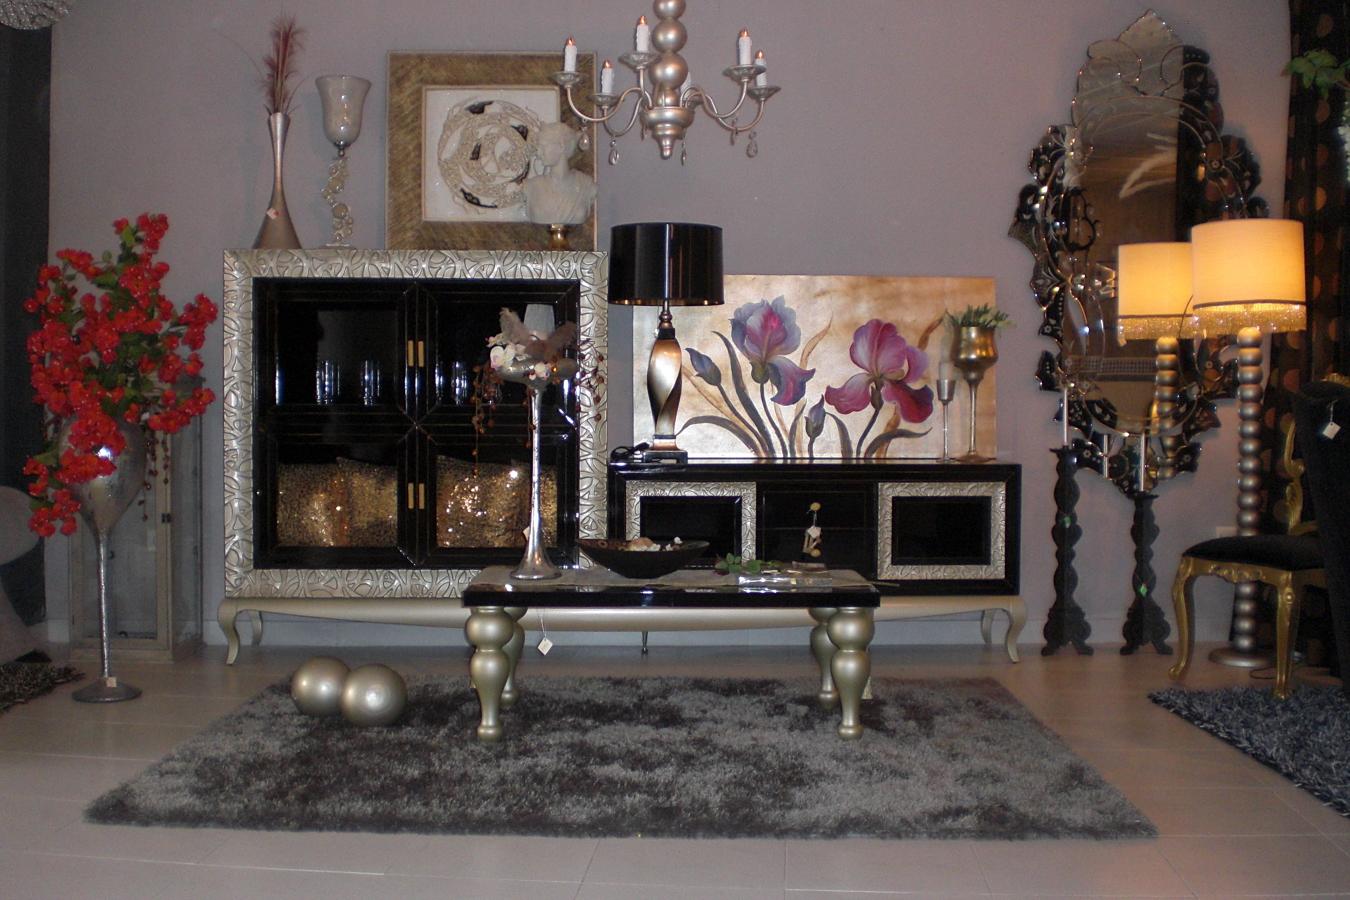 David villalba dise o y mobiliario utrera - Muebles utrera sevilla ...